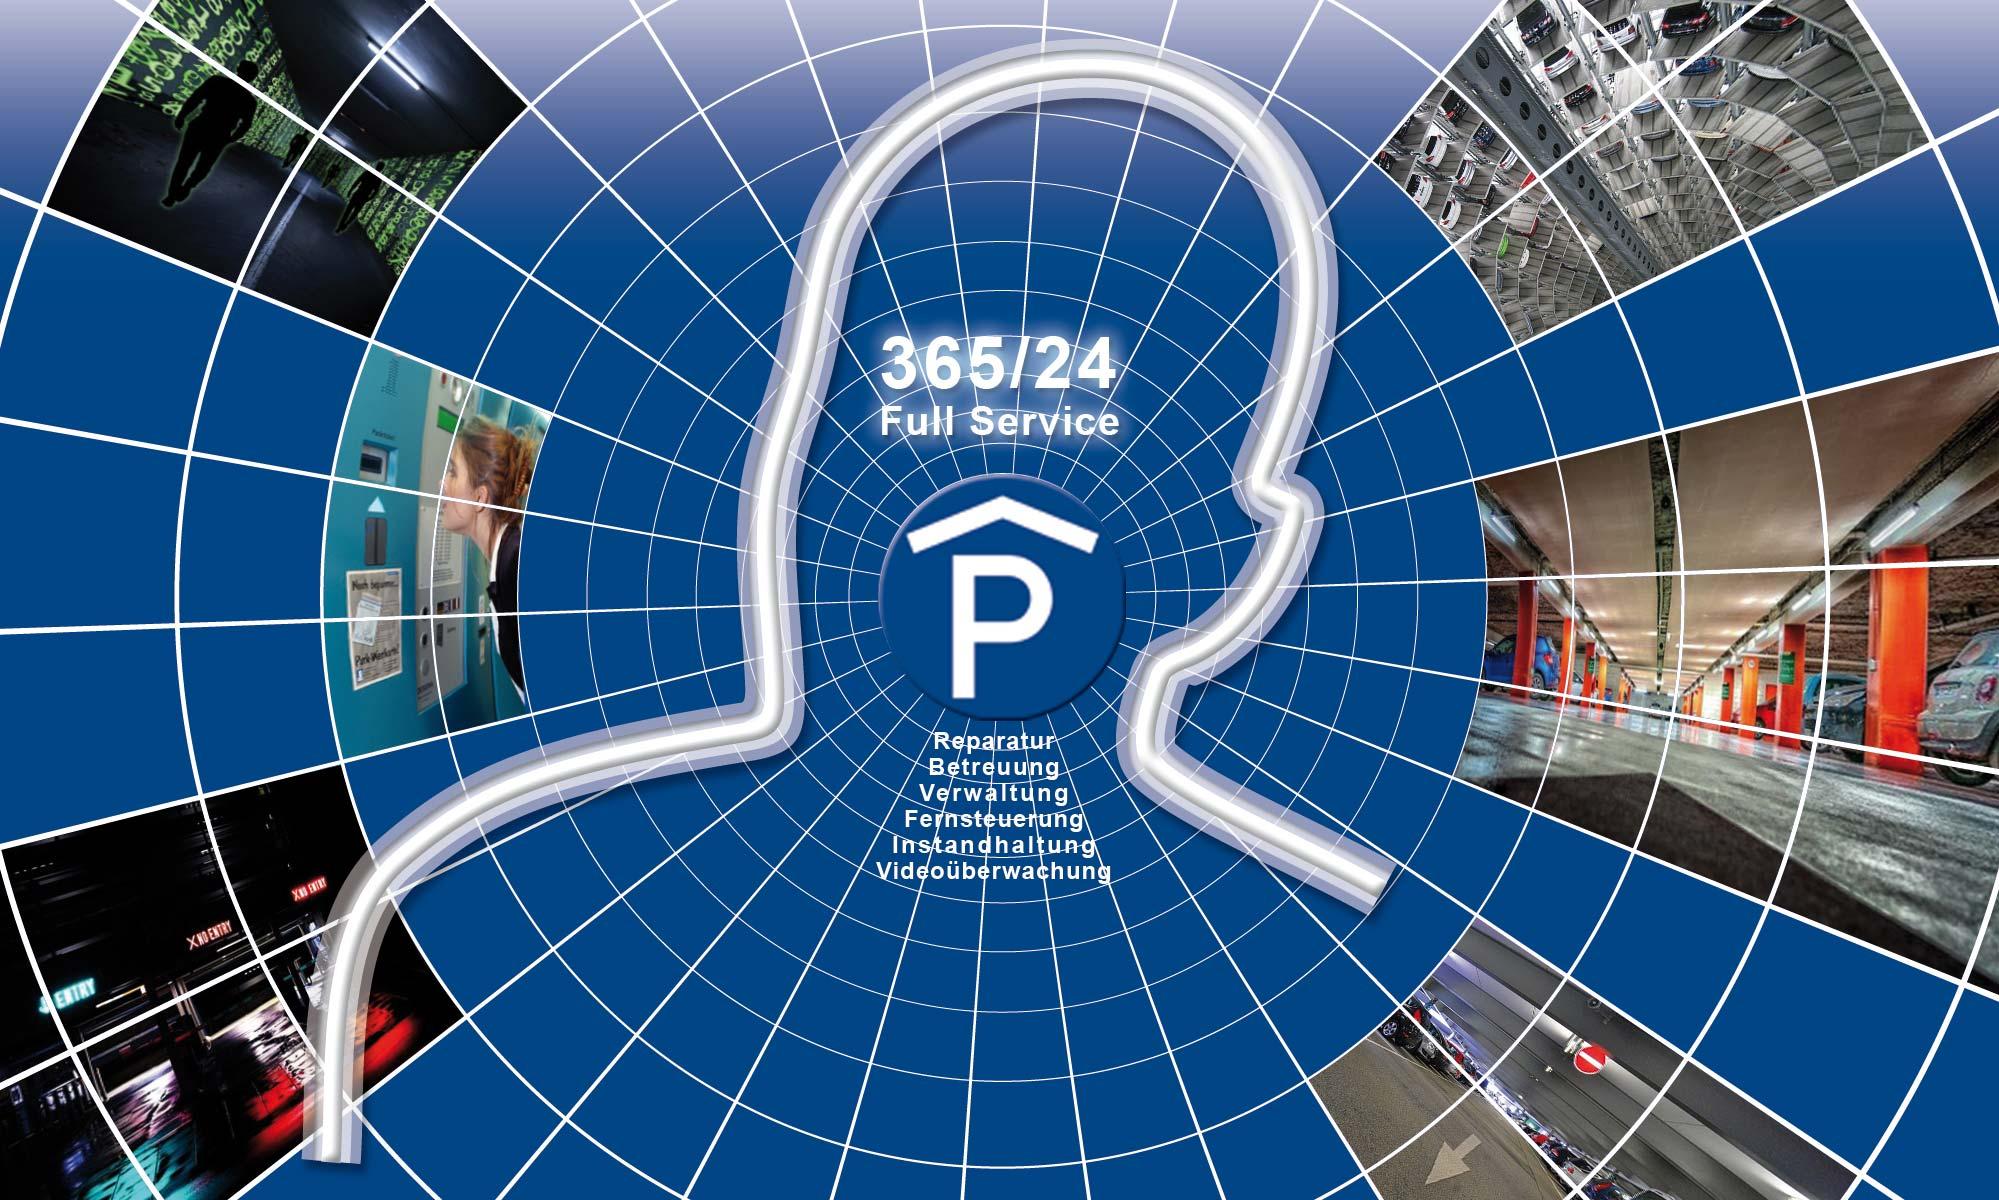 Parkhaus Service & Management